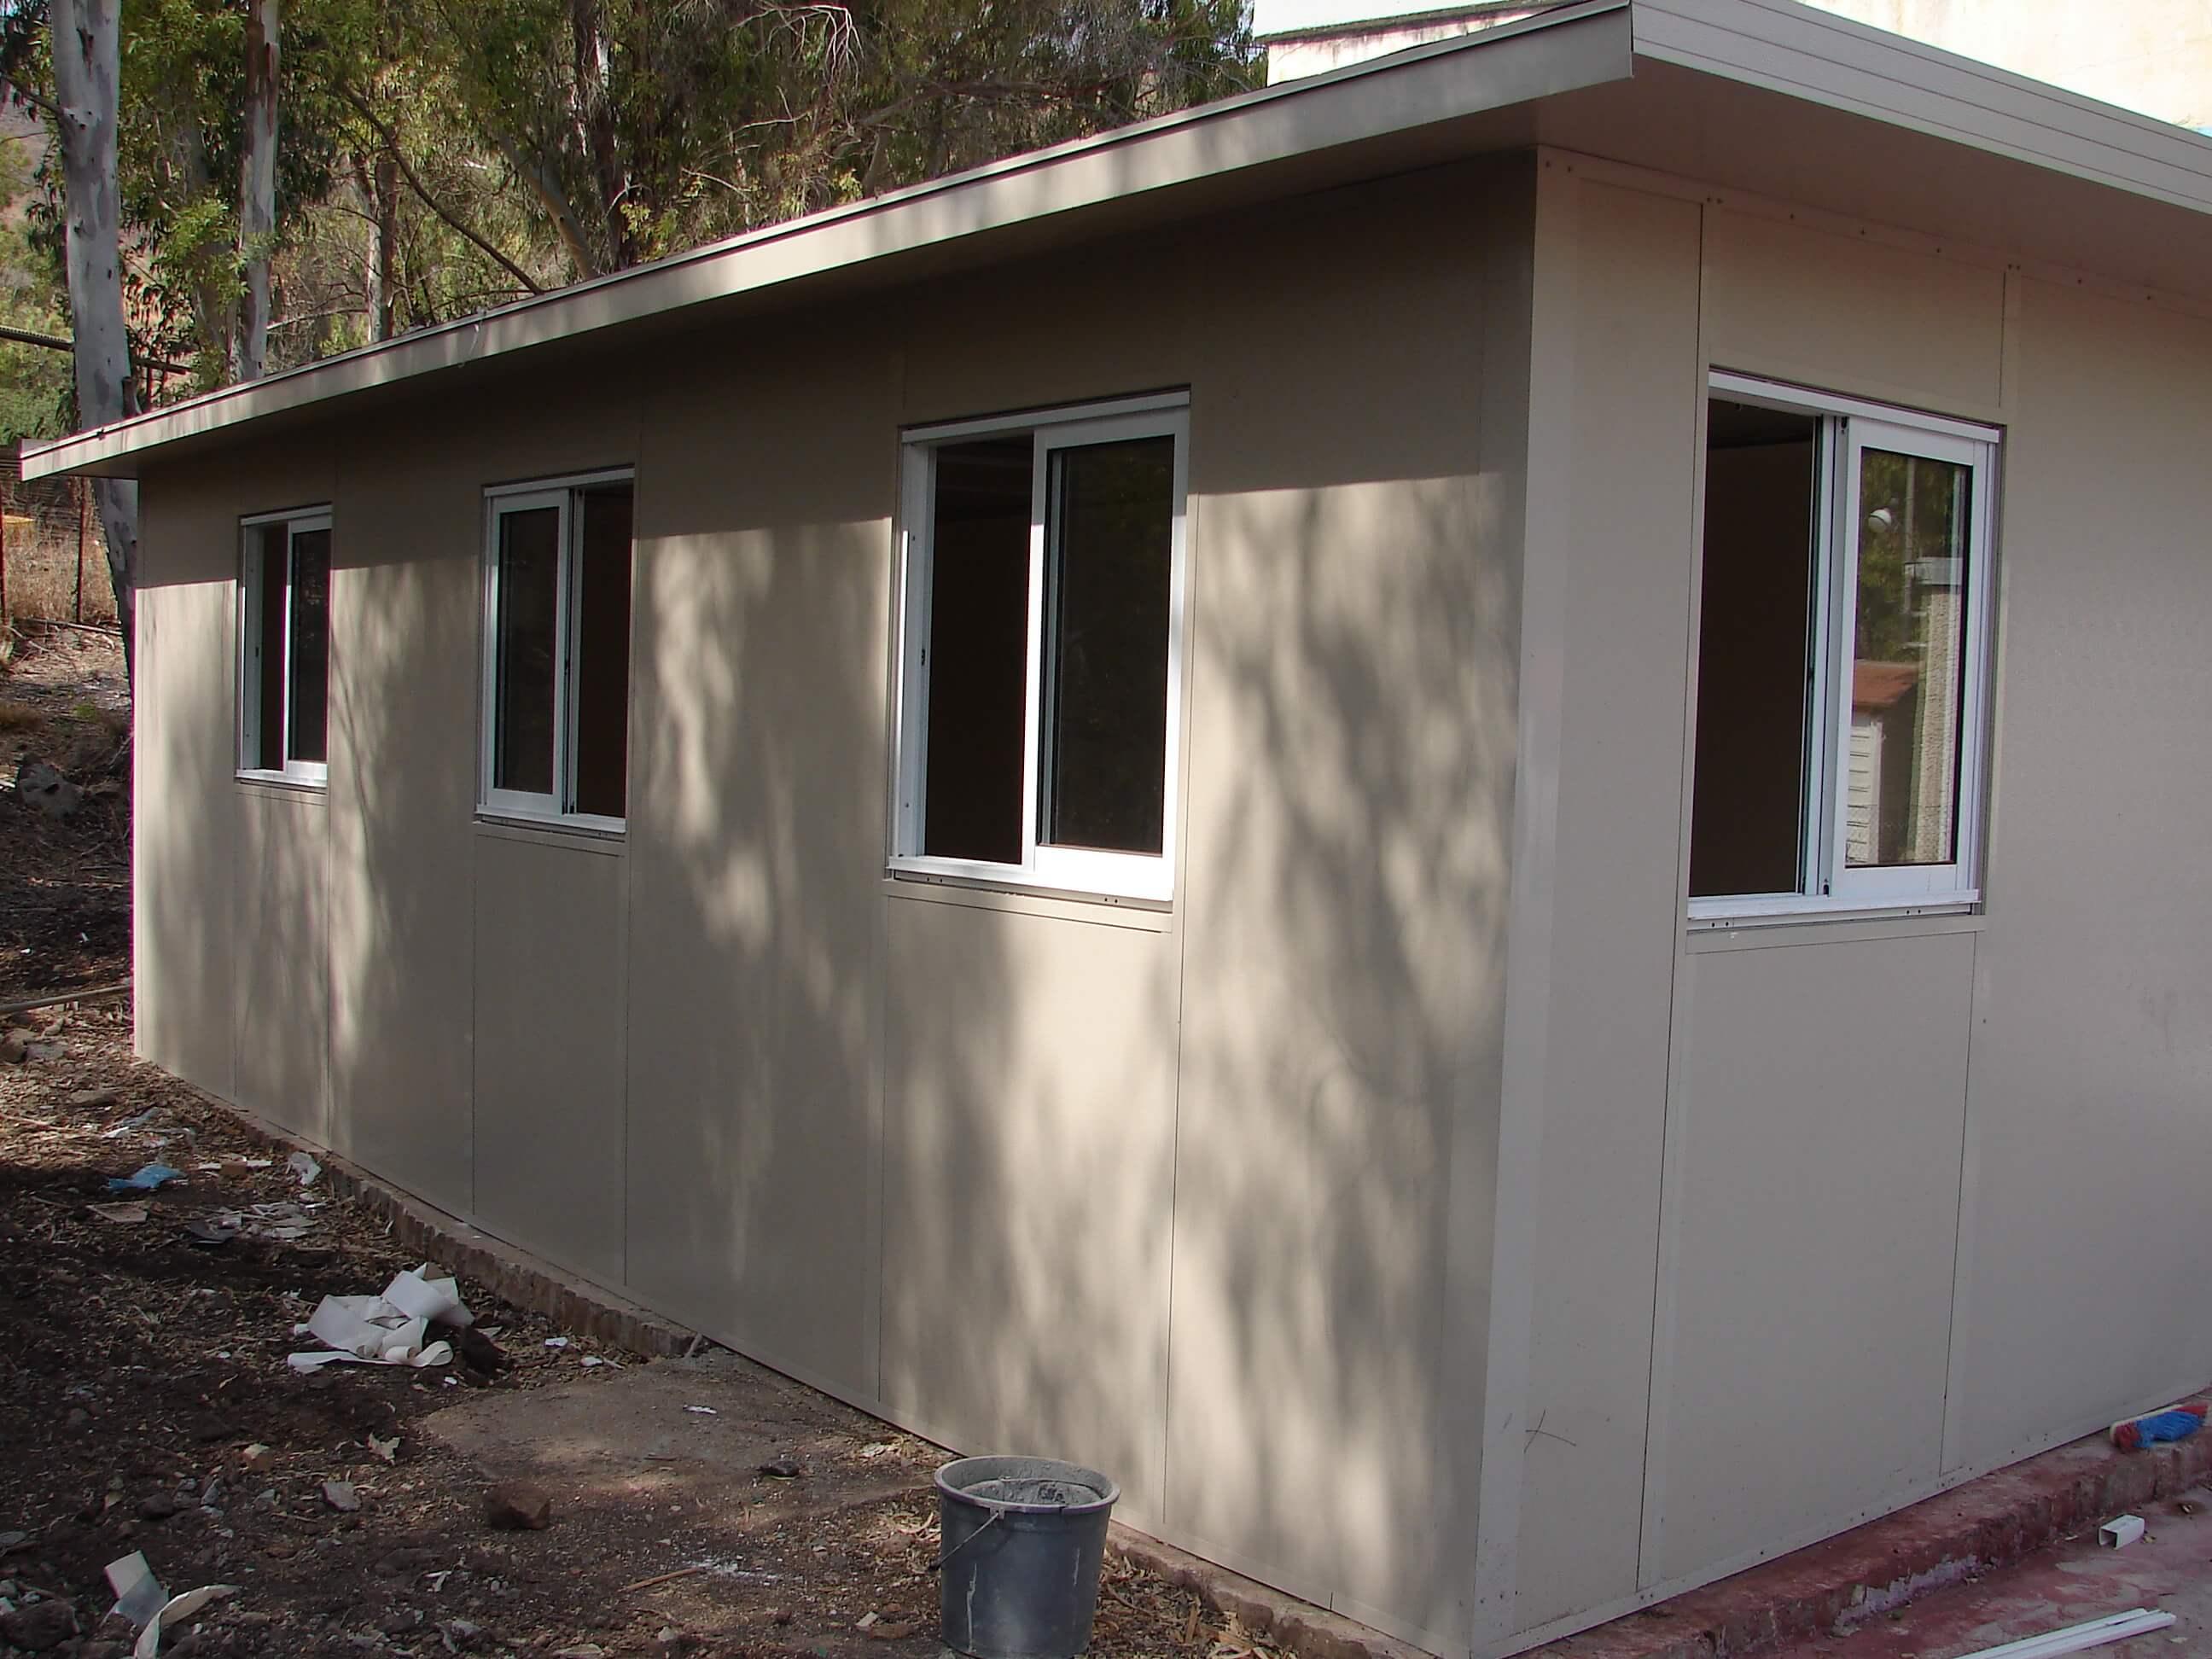 תוספות חדרים בבניה קלה. טיפים לתכנון